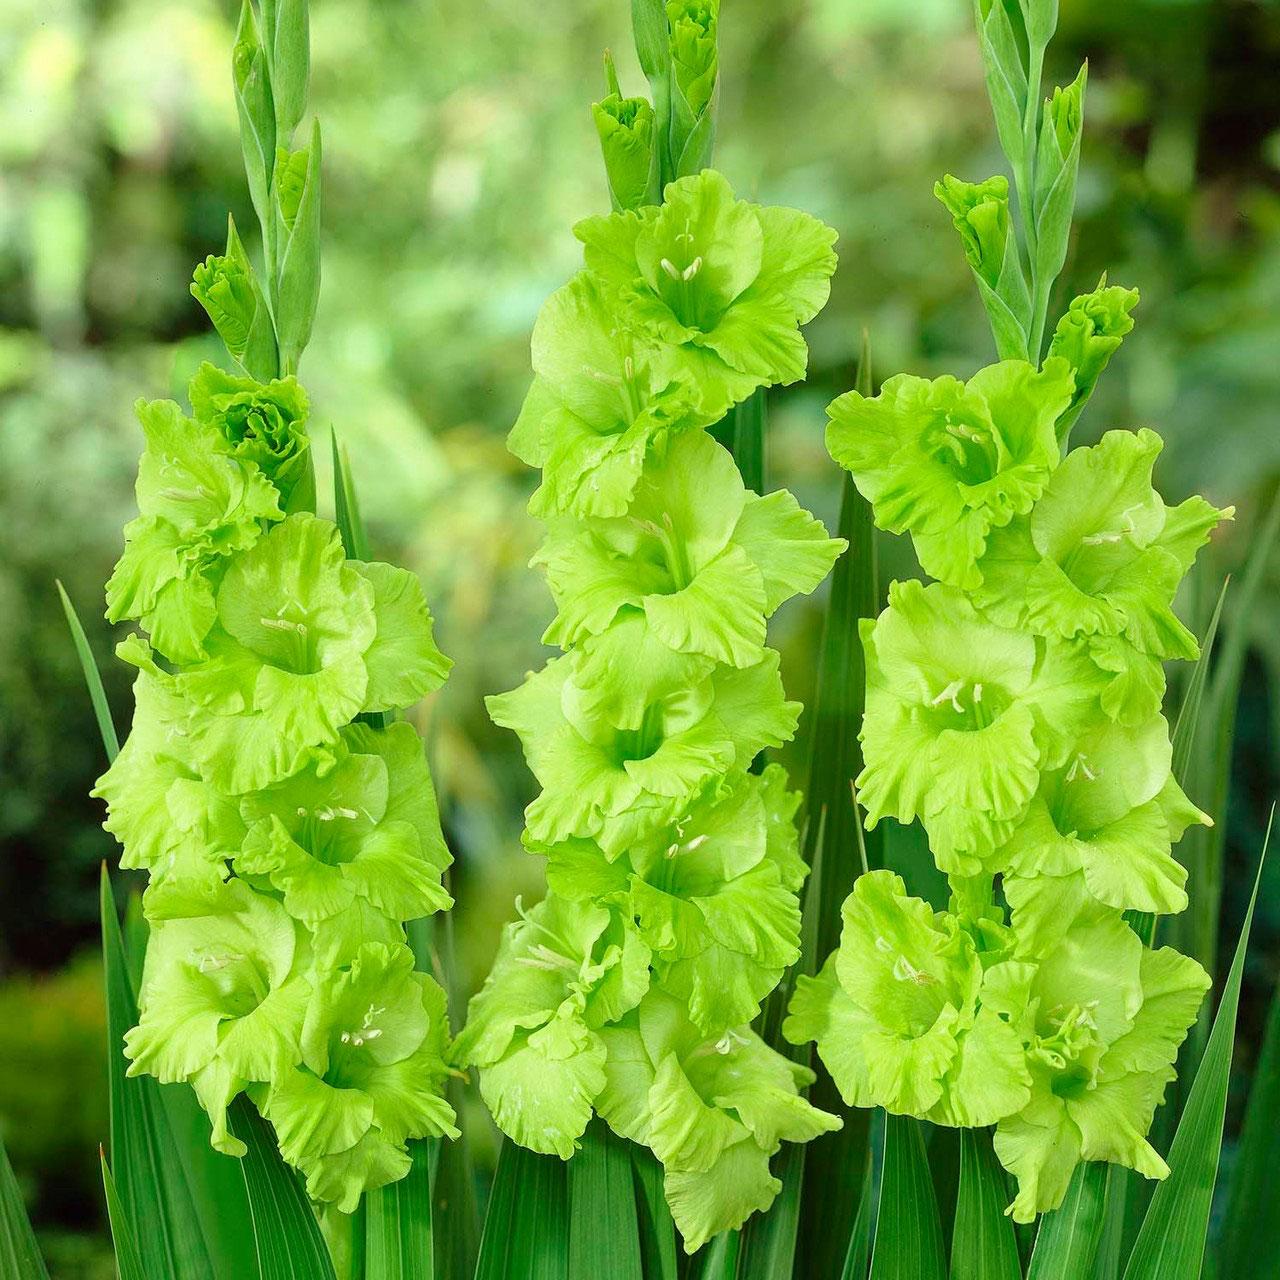 цветы зеленого цвета в саду фото капюшоне